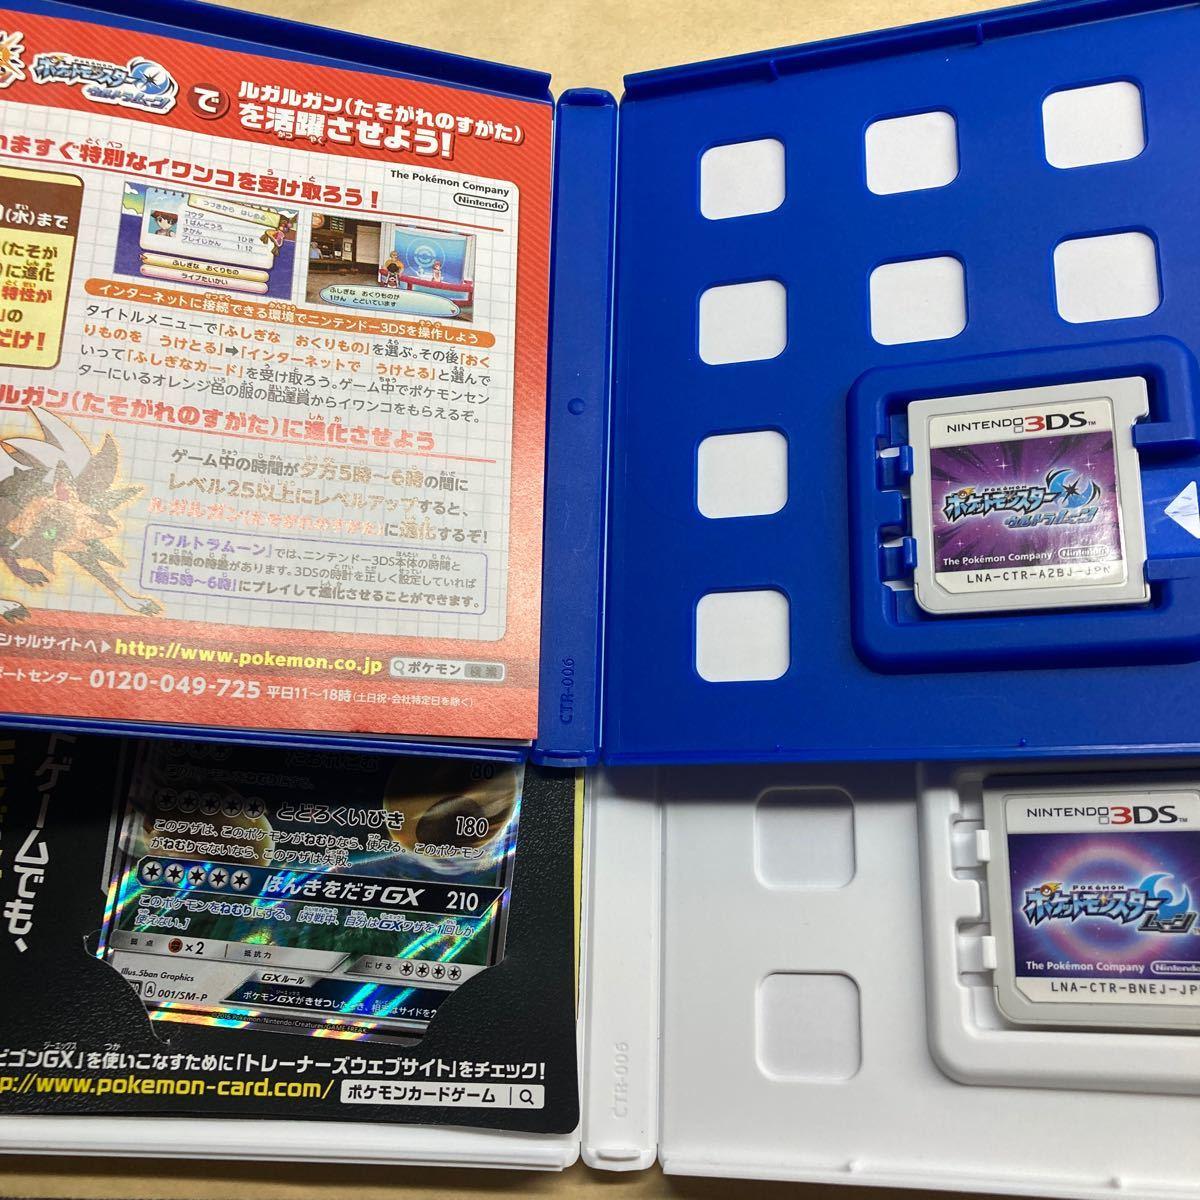 ポケットモンスターウルトラムーン、ポケットモンスタームーン 3DSソフト